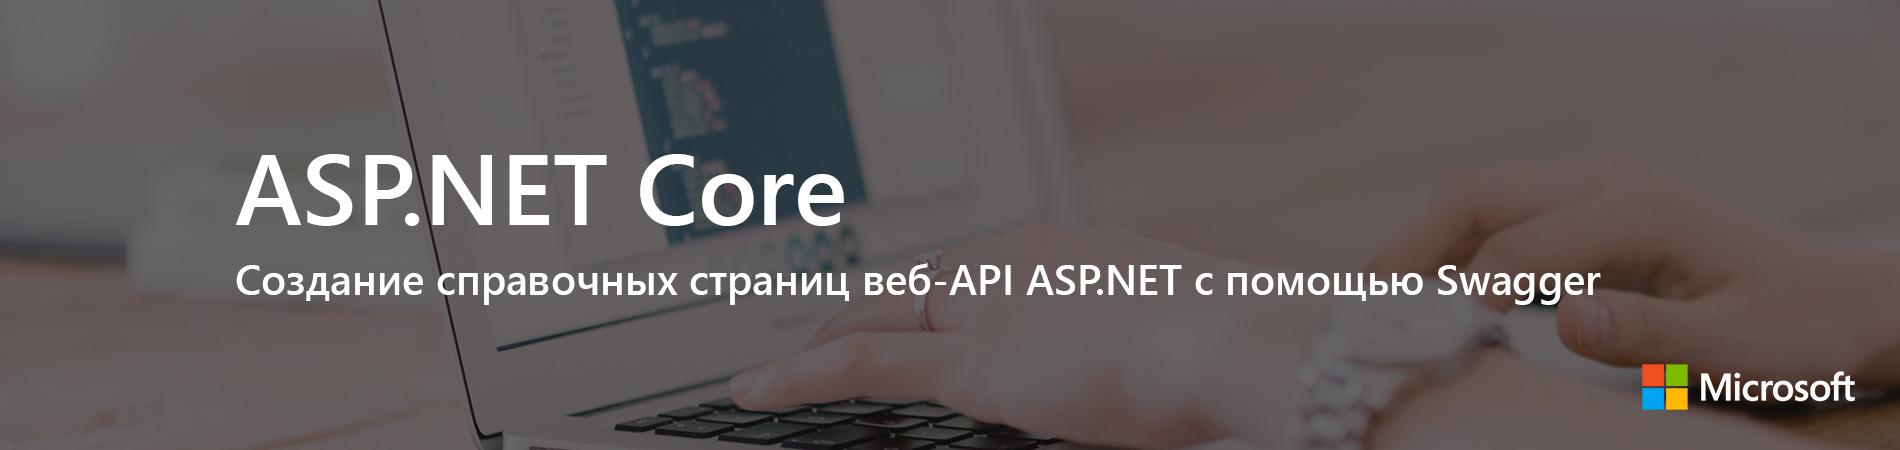 ASP.NET Core: Создание справочных страниц веб-API ASP.NET с помощью Swagger